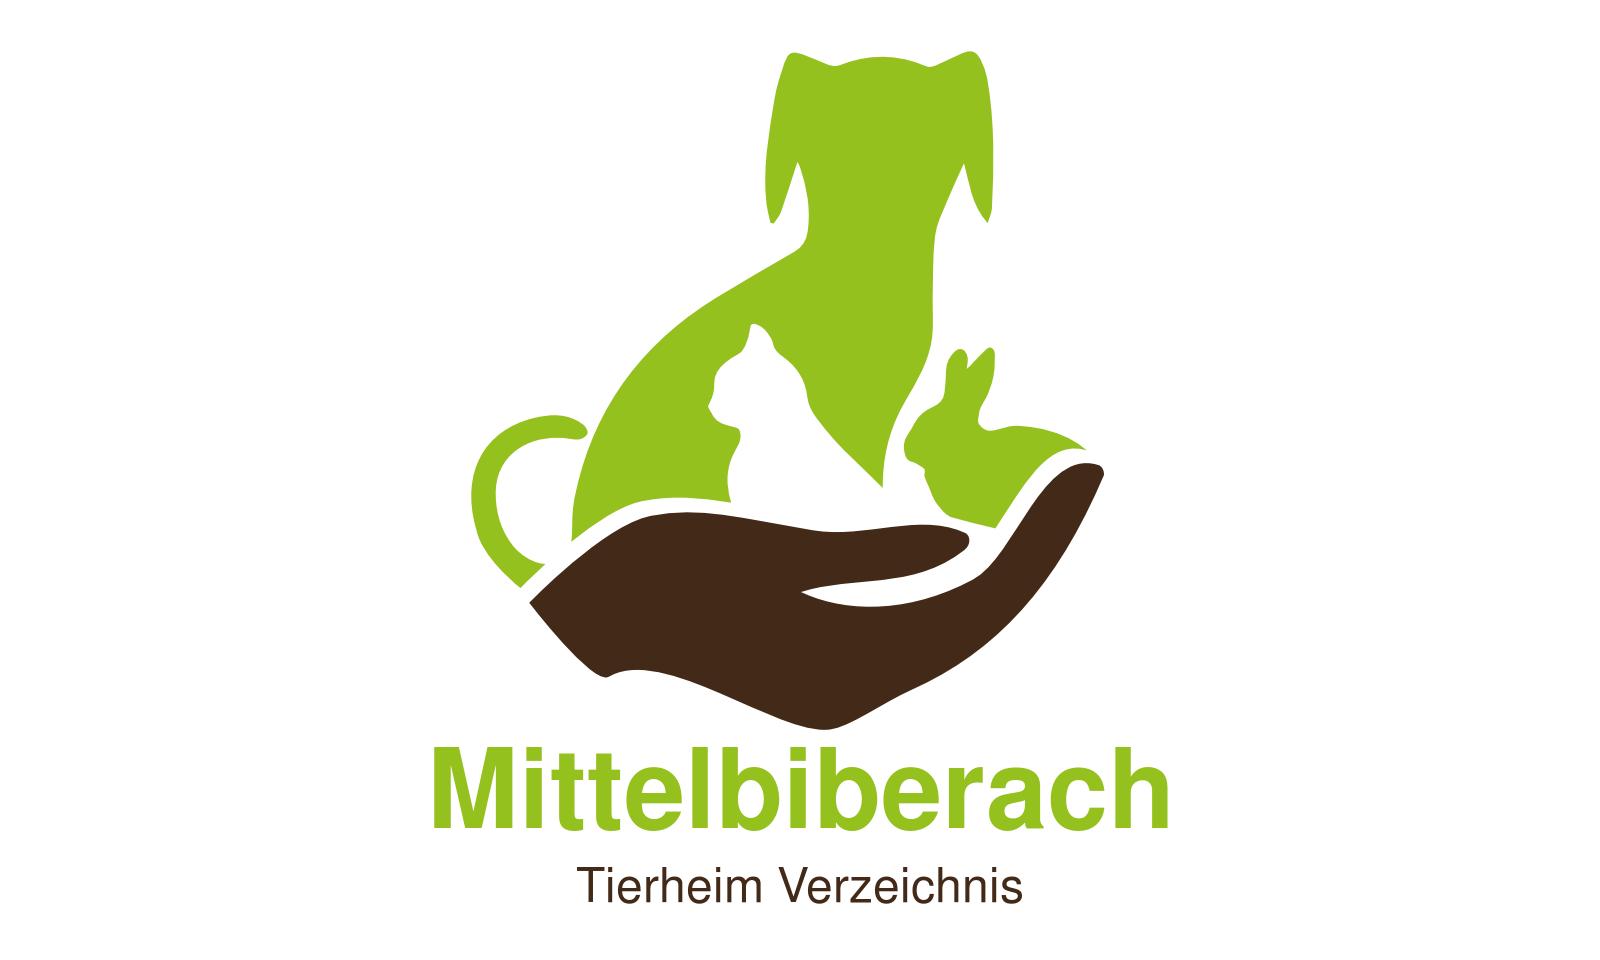 Tierheim Mittelbiberach